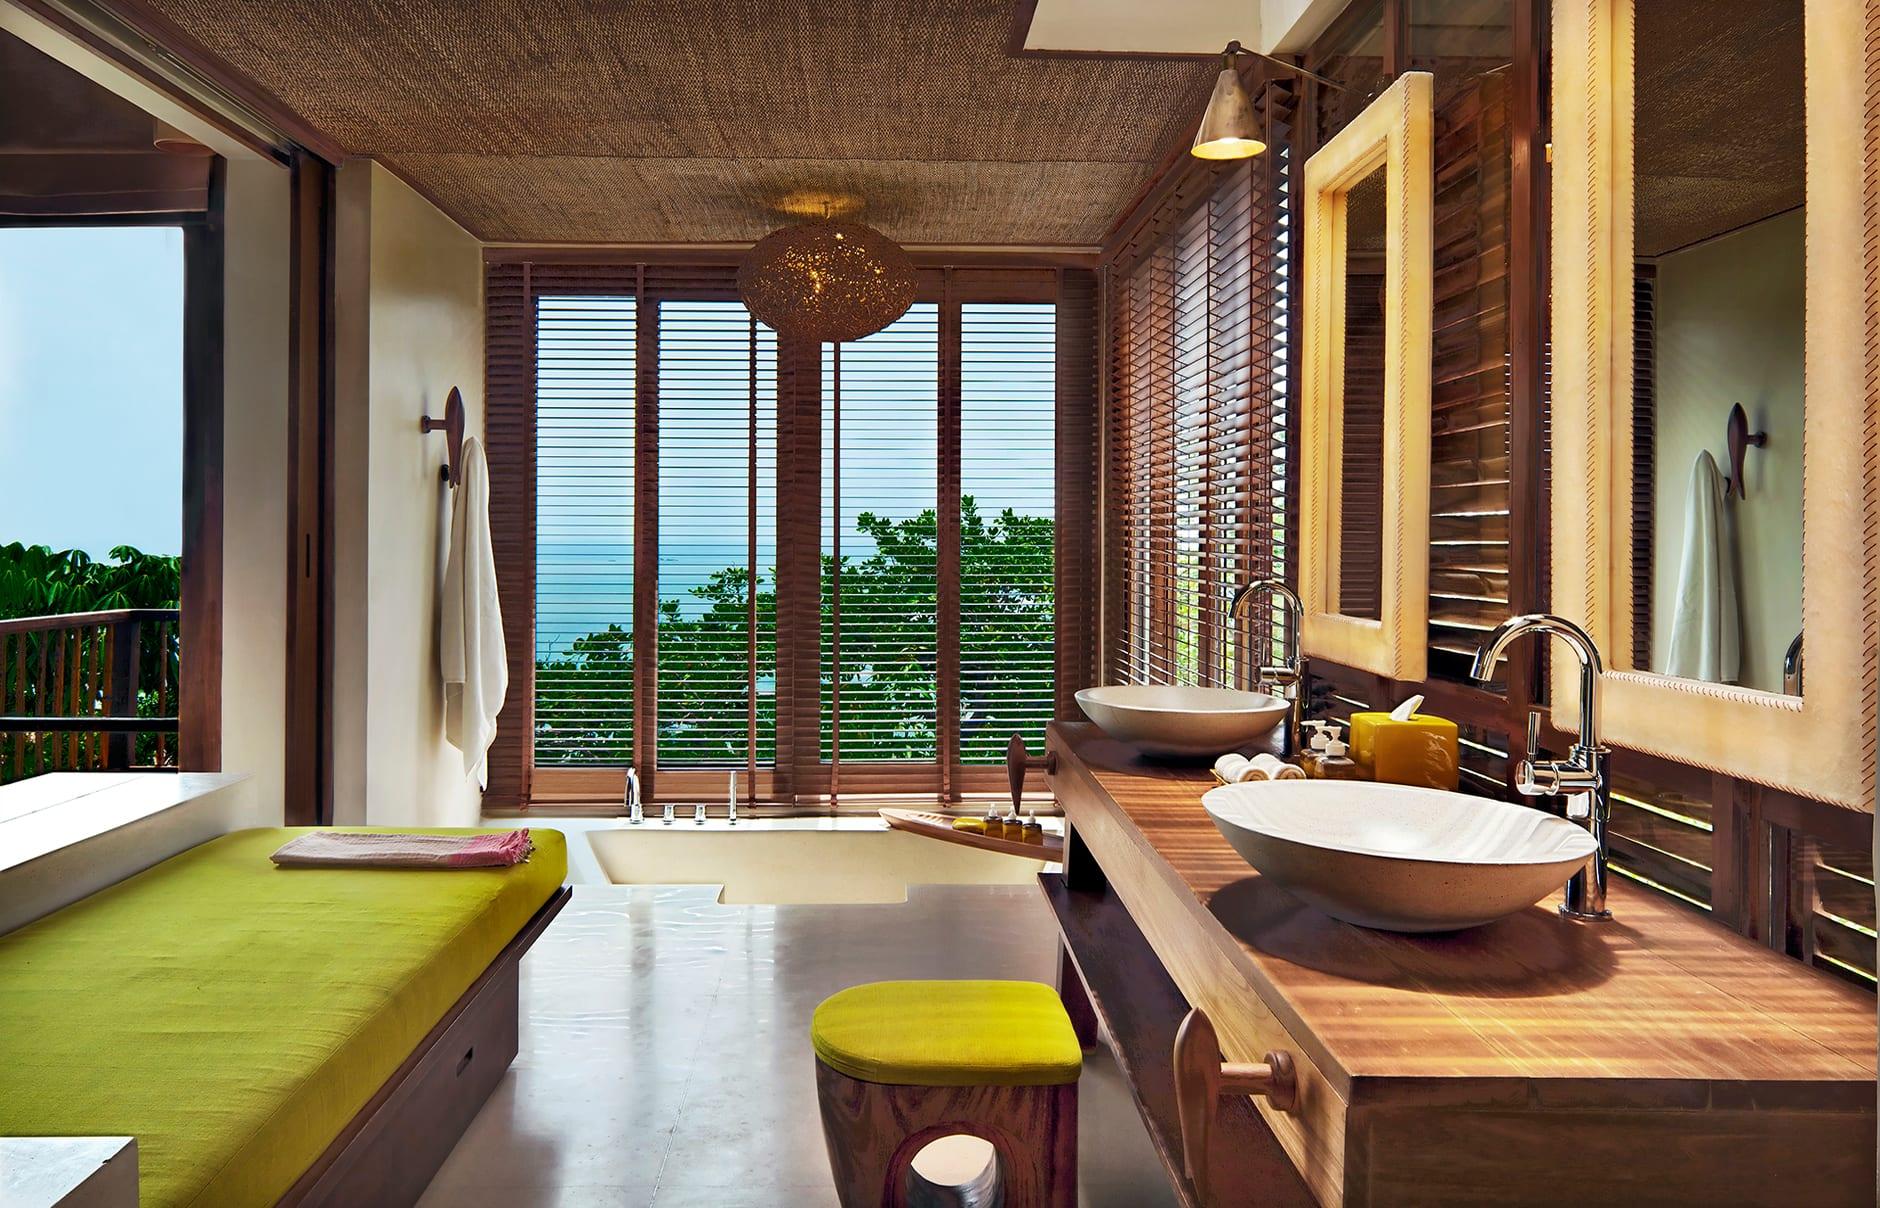 Pool Villa. Six Senses Samui, Thailand. © Six Senses Resorts & Spas